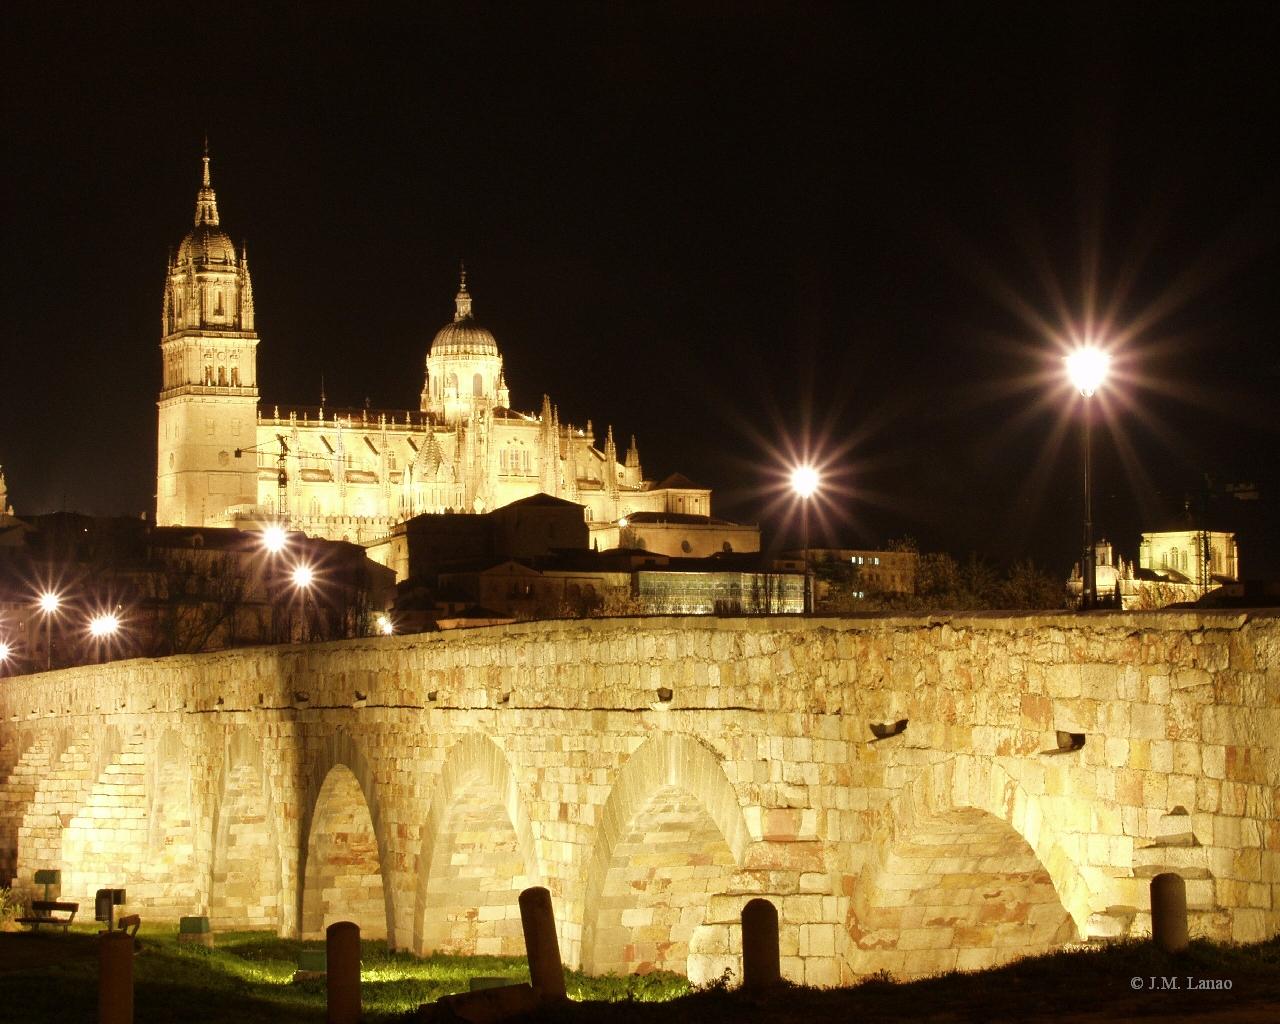 Programa ferias y fiestas Salamanca 2011